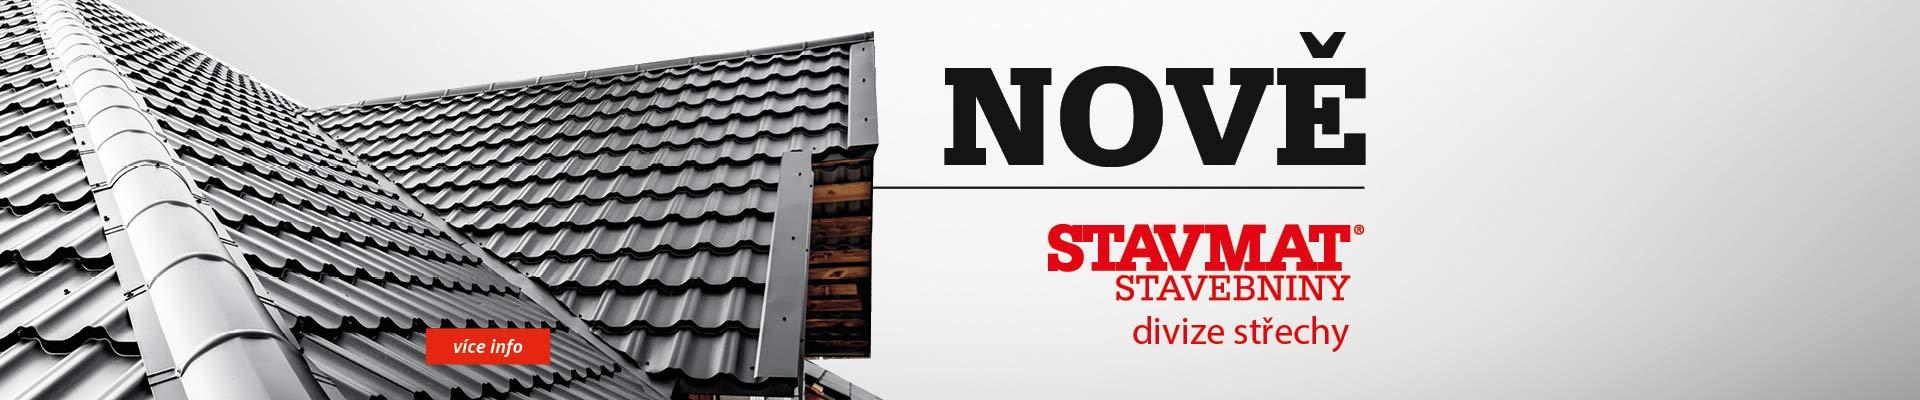 STAVMAT divize střechy